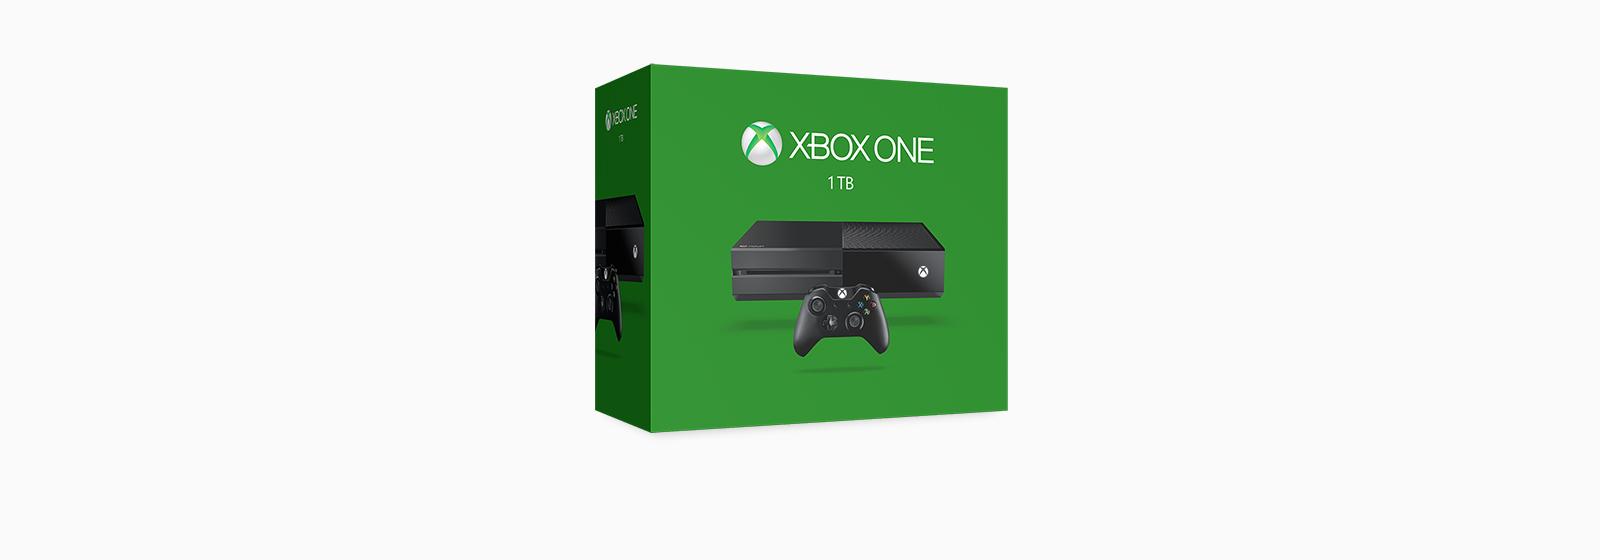 קבל מידע על קונסולת Xbox החדשה עם 1 TB.